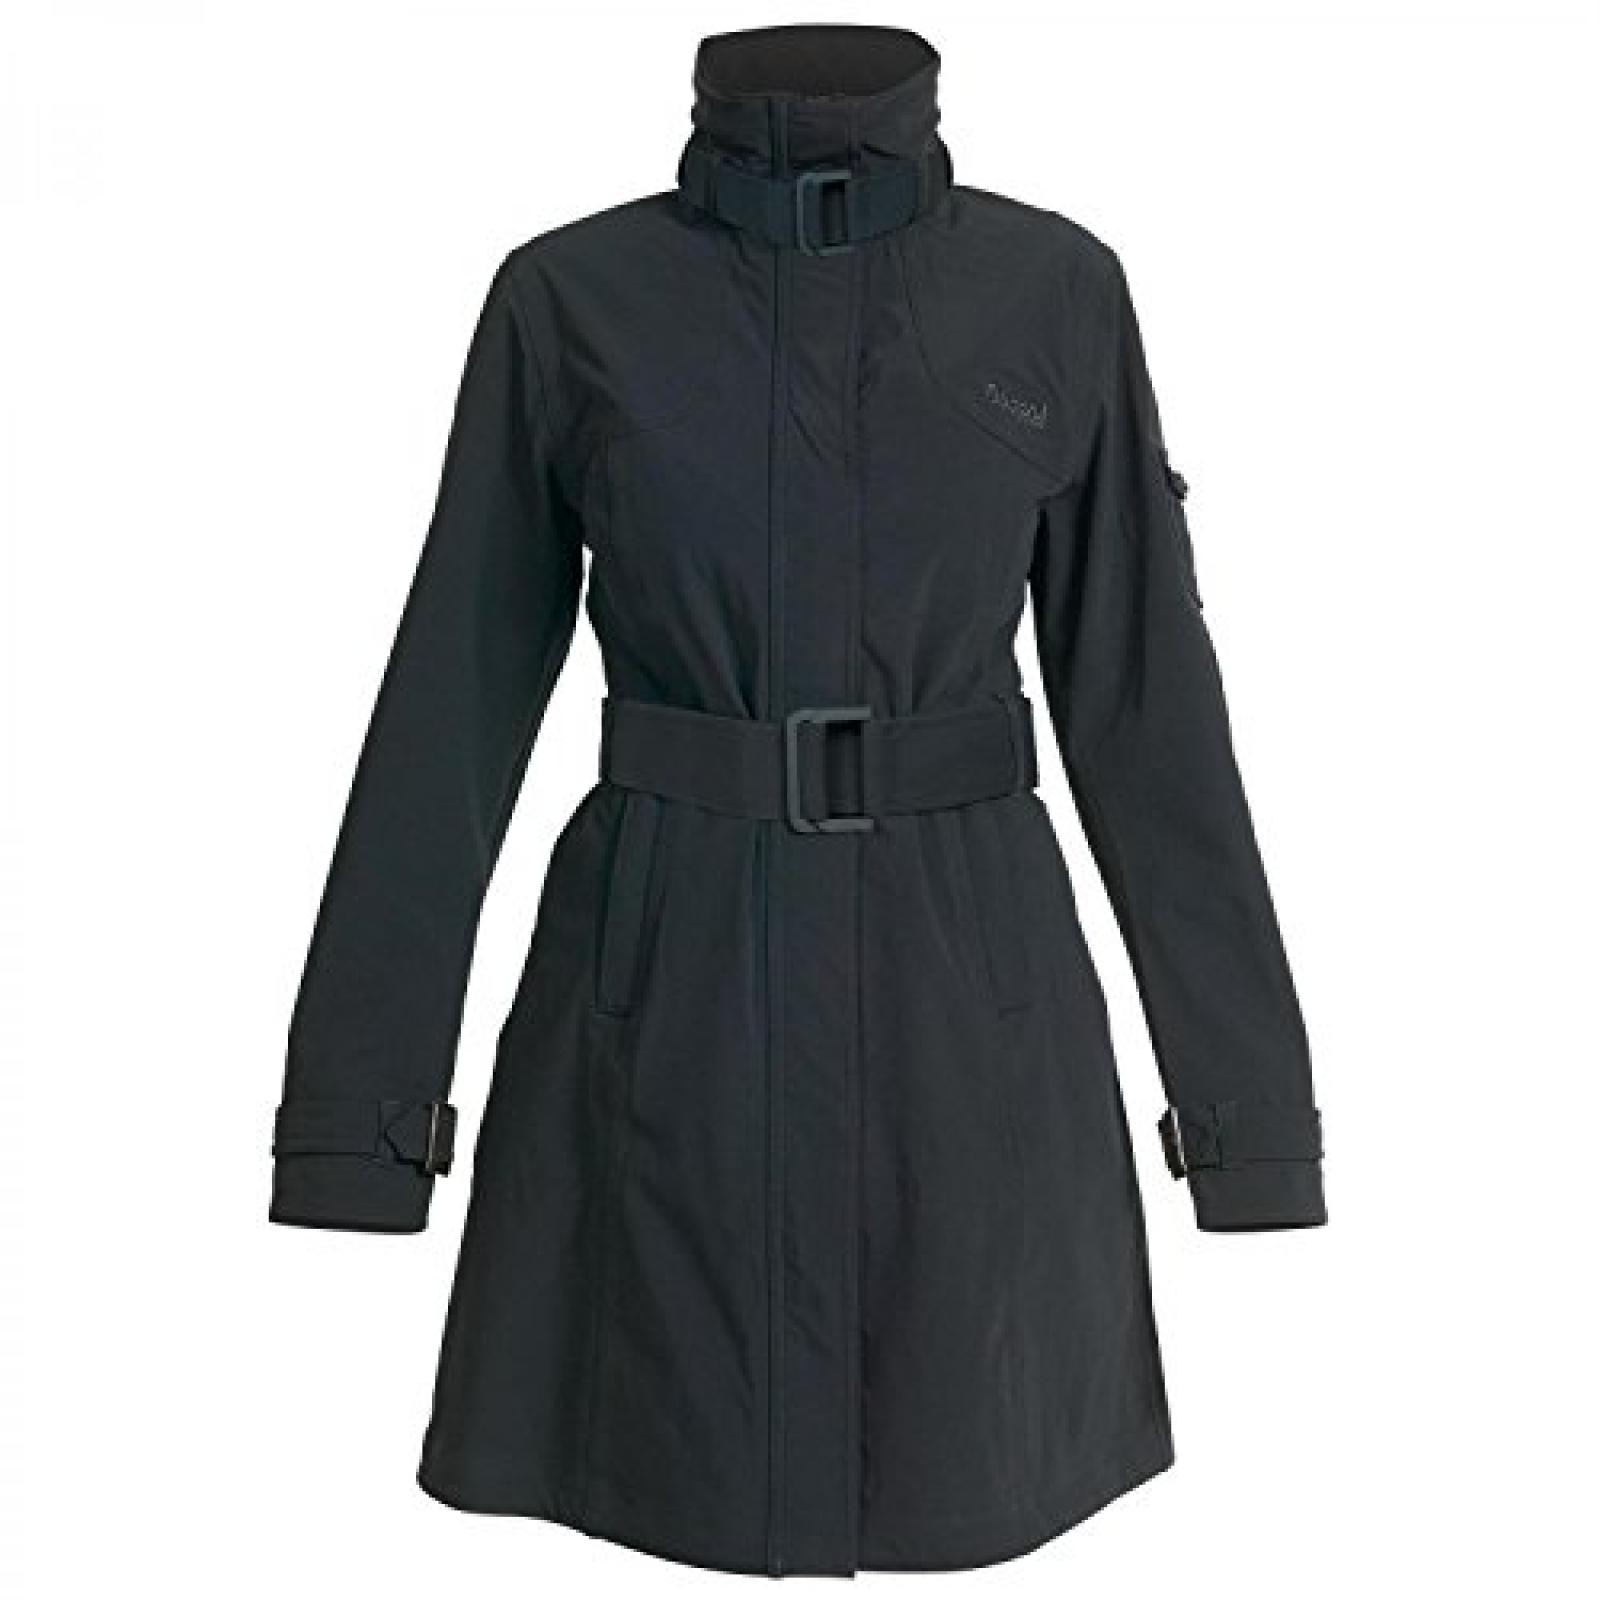 Bergans Damen Jacke Oslo Lady Trench Coat 5921